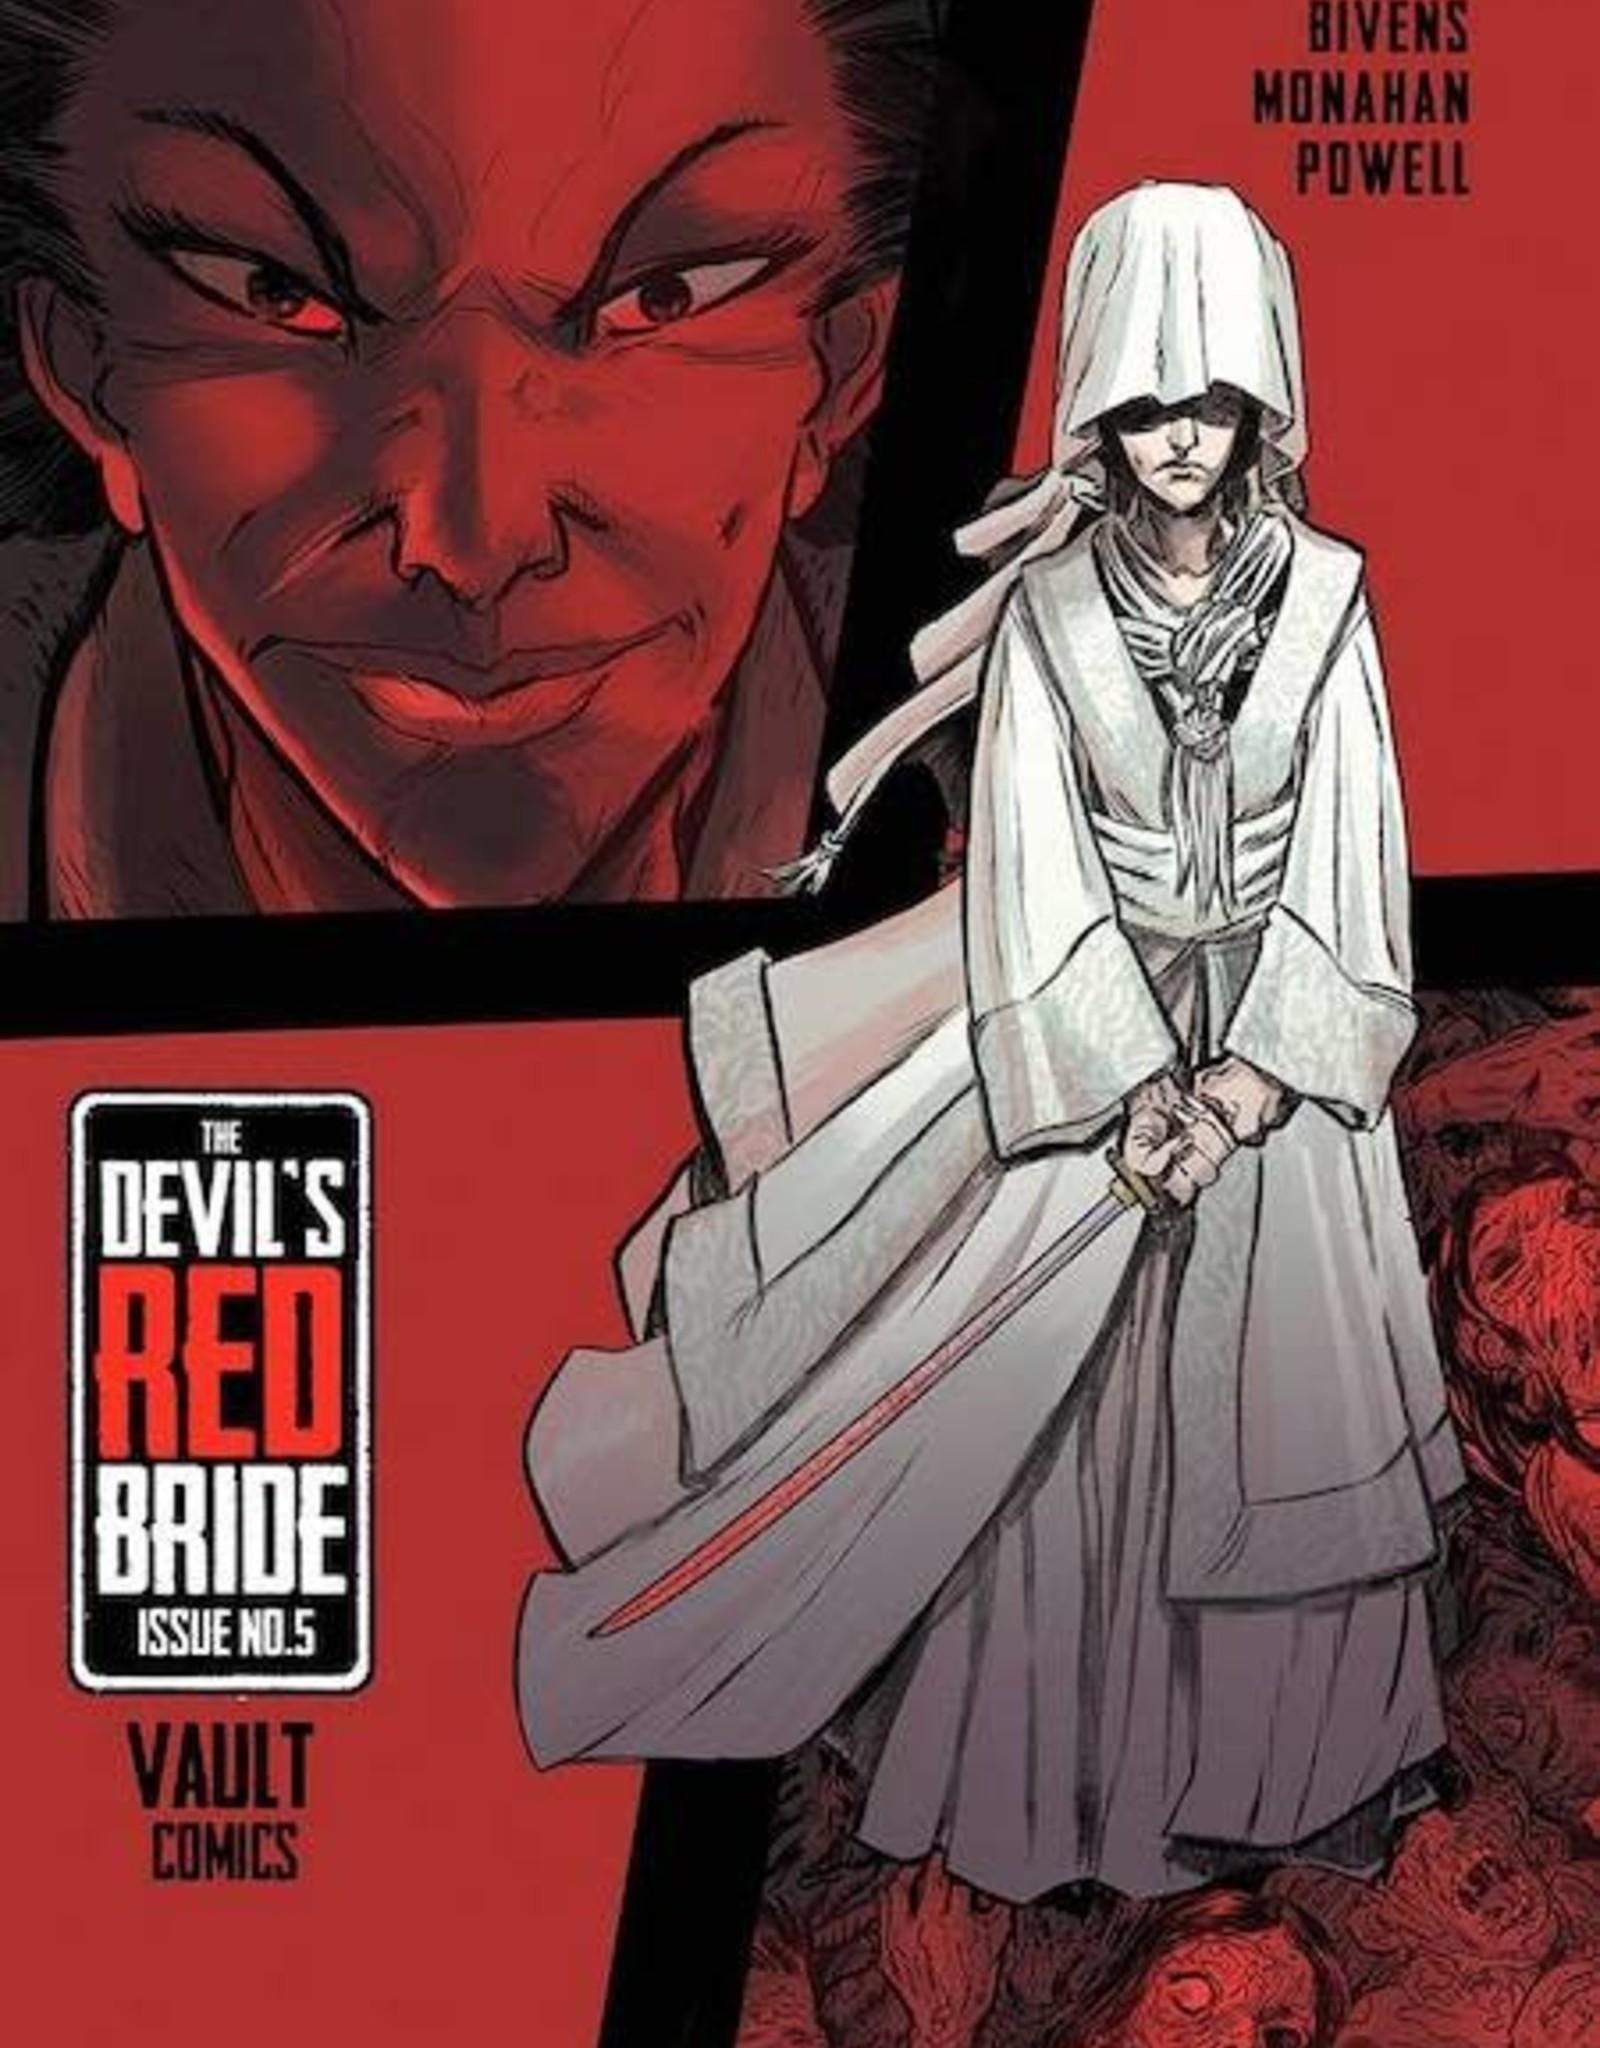 Vault Comics Devils Red Bride #5 Cvr A Bivens